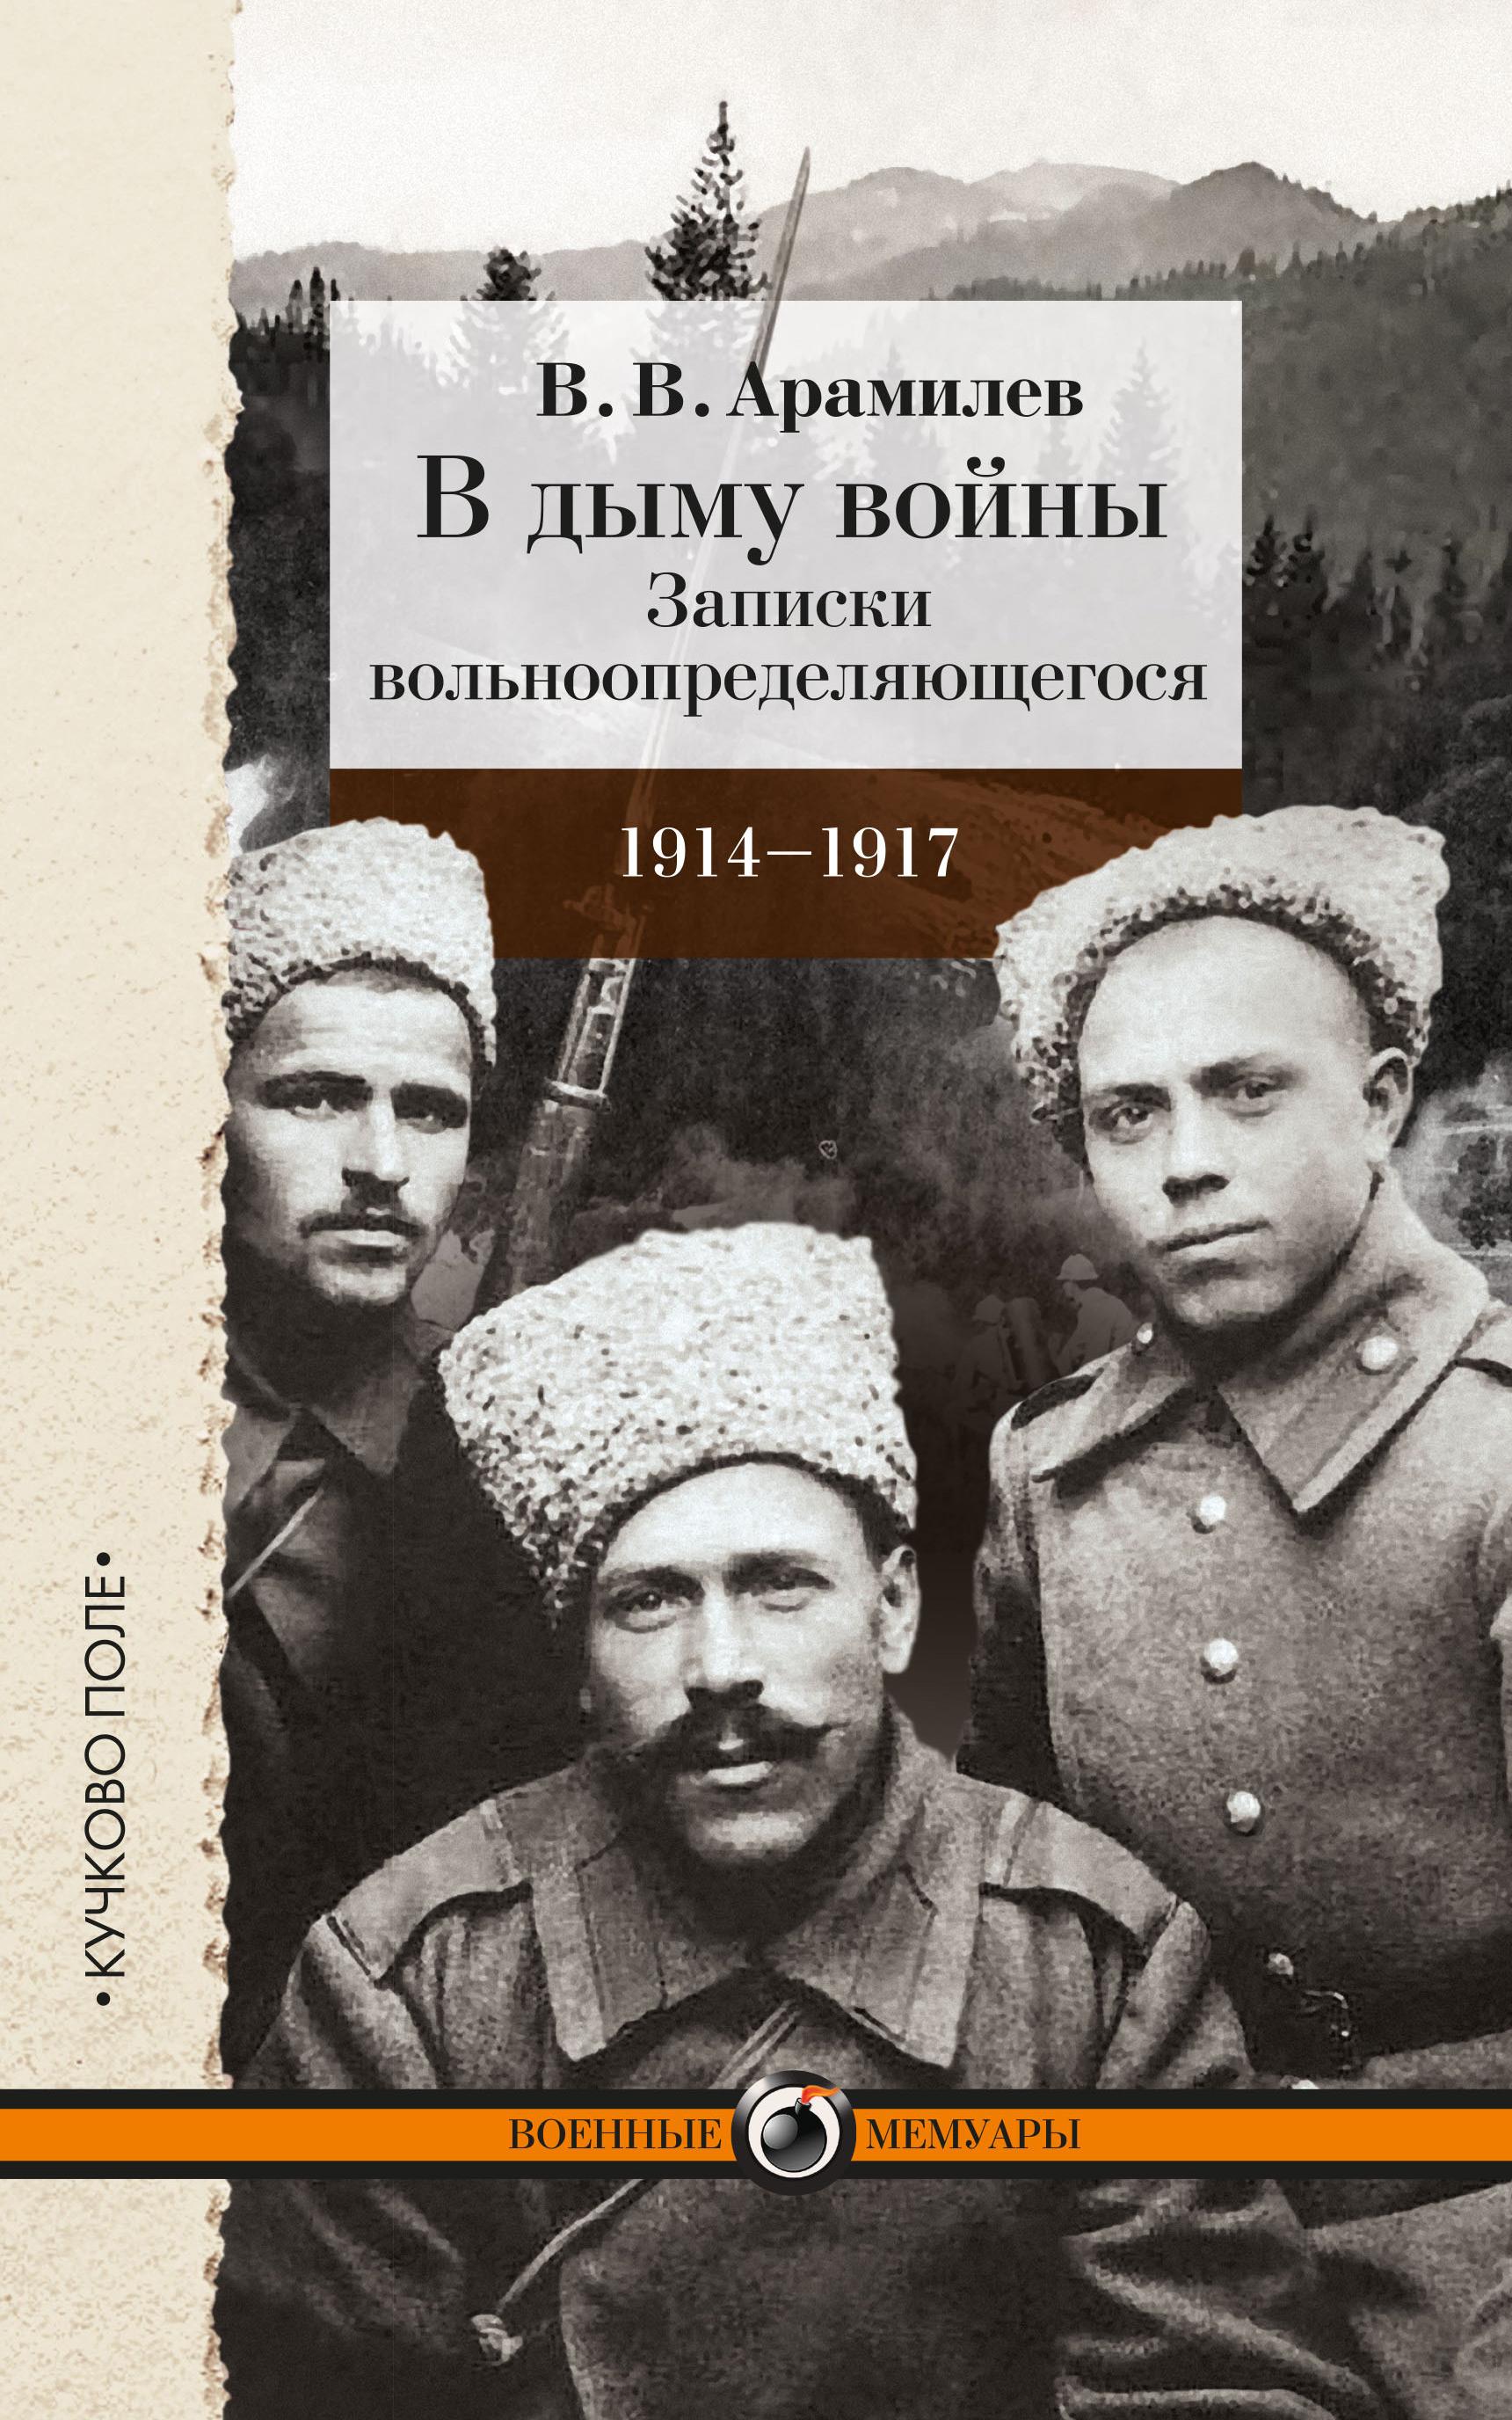 В. В. Арамилев В дыму войны. Записки вольноопределяющегося. 1914-1917